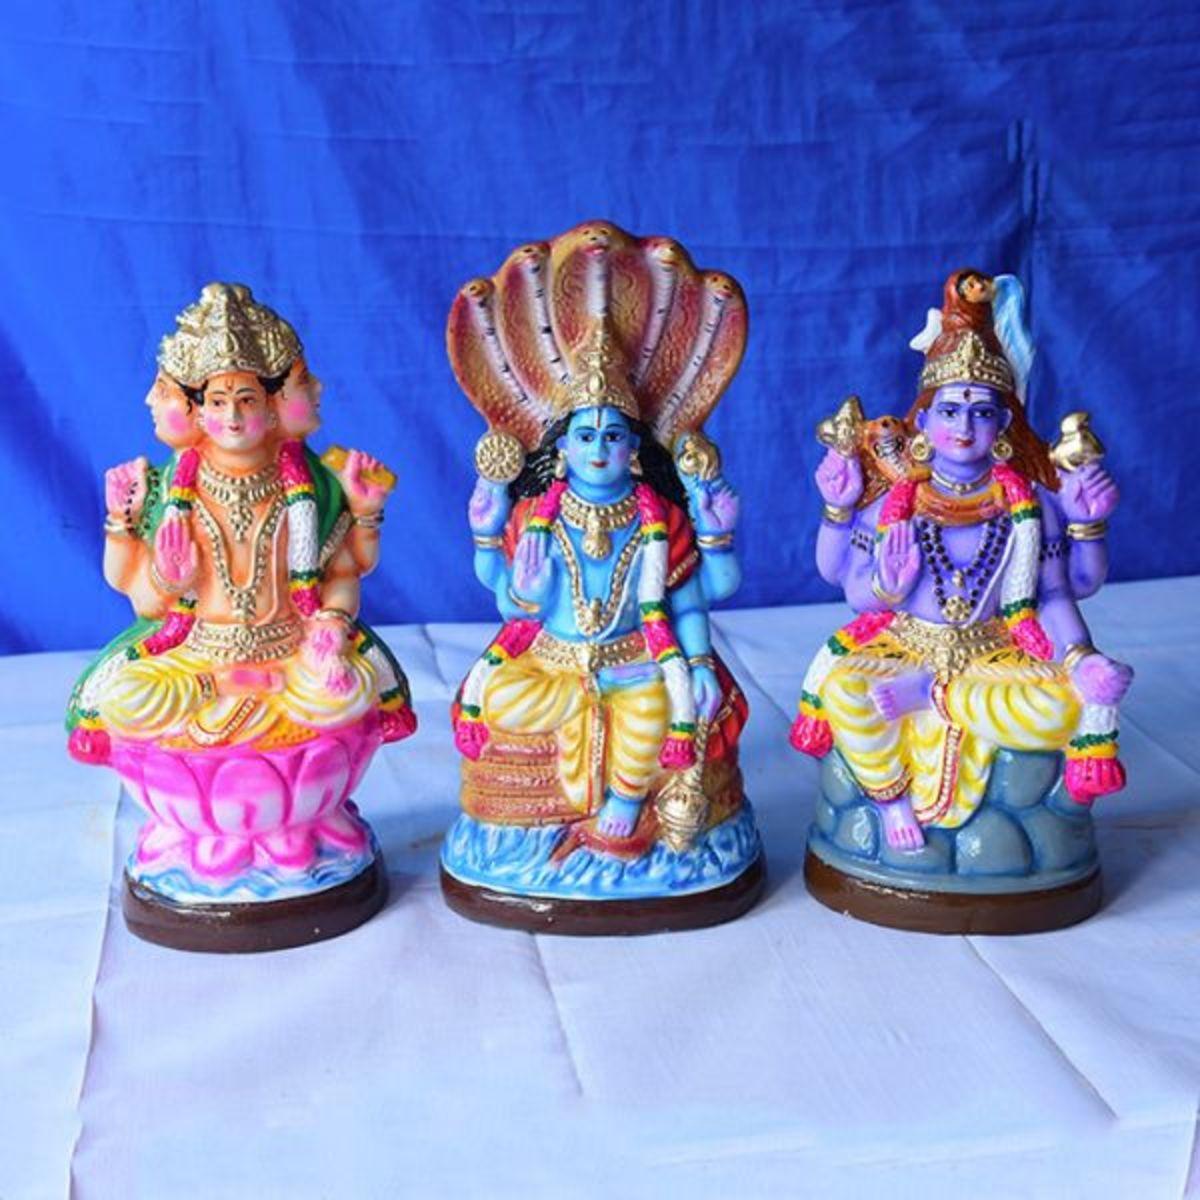 Tri moorthi dolls